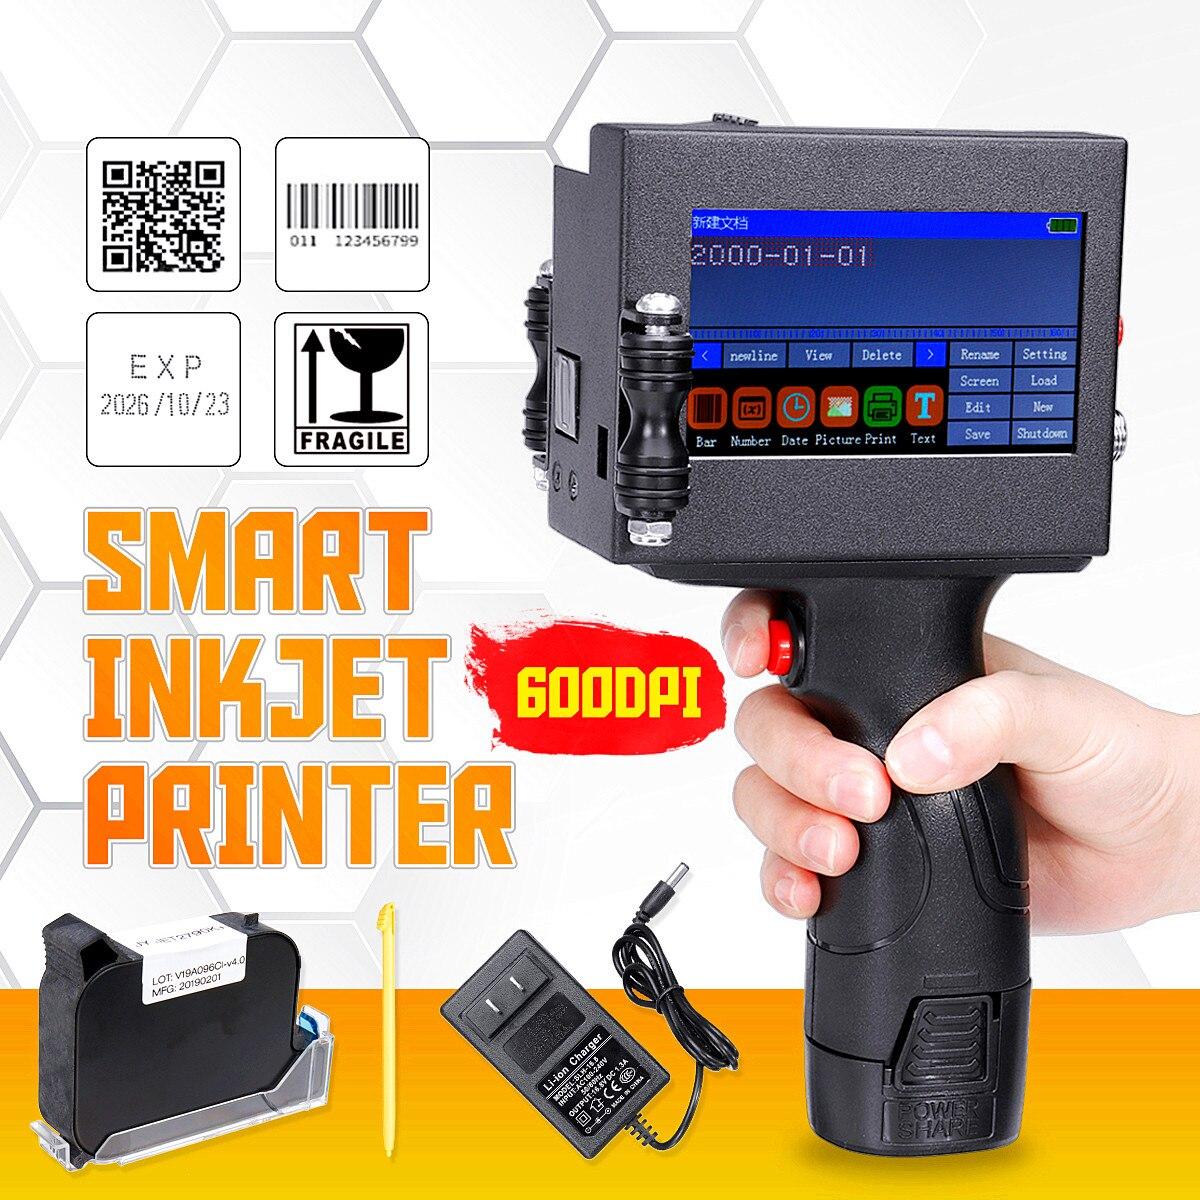 Led-anzeige Bildschirm Touch-Bildschirm Handheld Drucker Intelligente USB QR Code Inkjet Label Drucker Codierung Maschine Neue Ankunft 2019